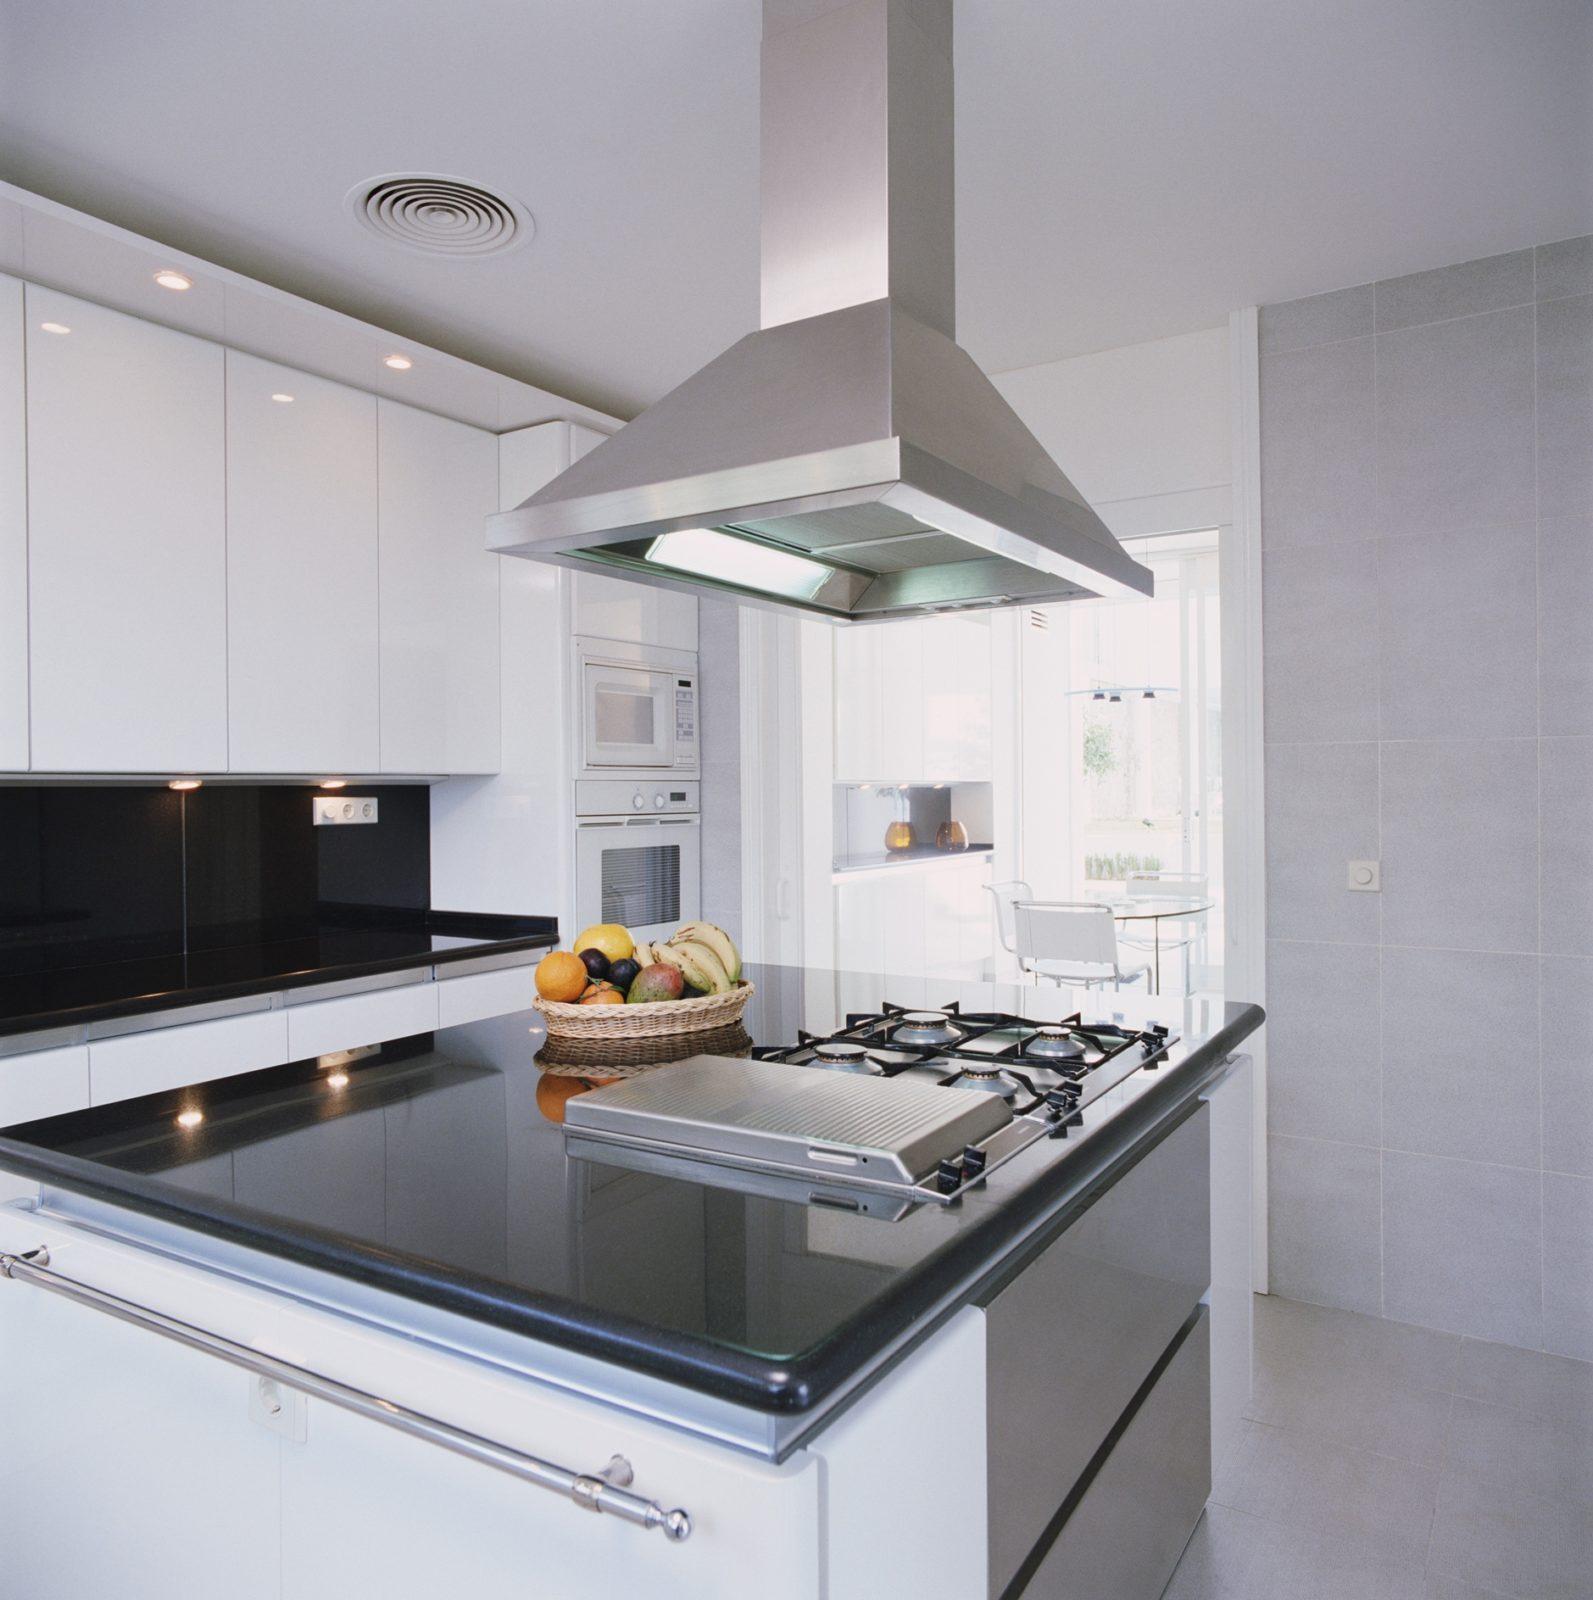 Вытяжки – важный аксессуар современной кухни